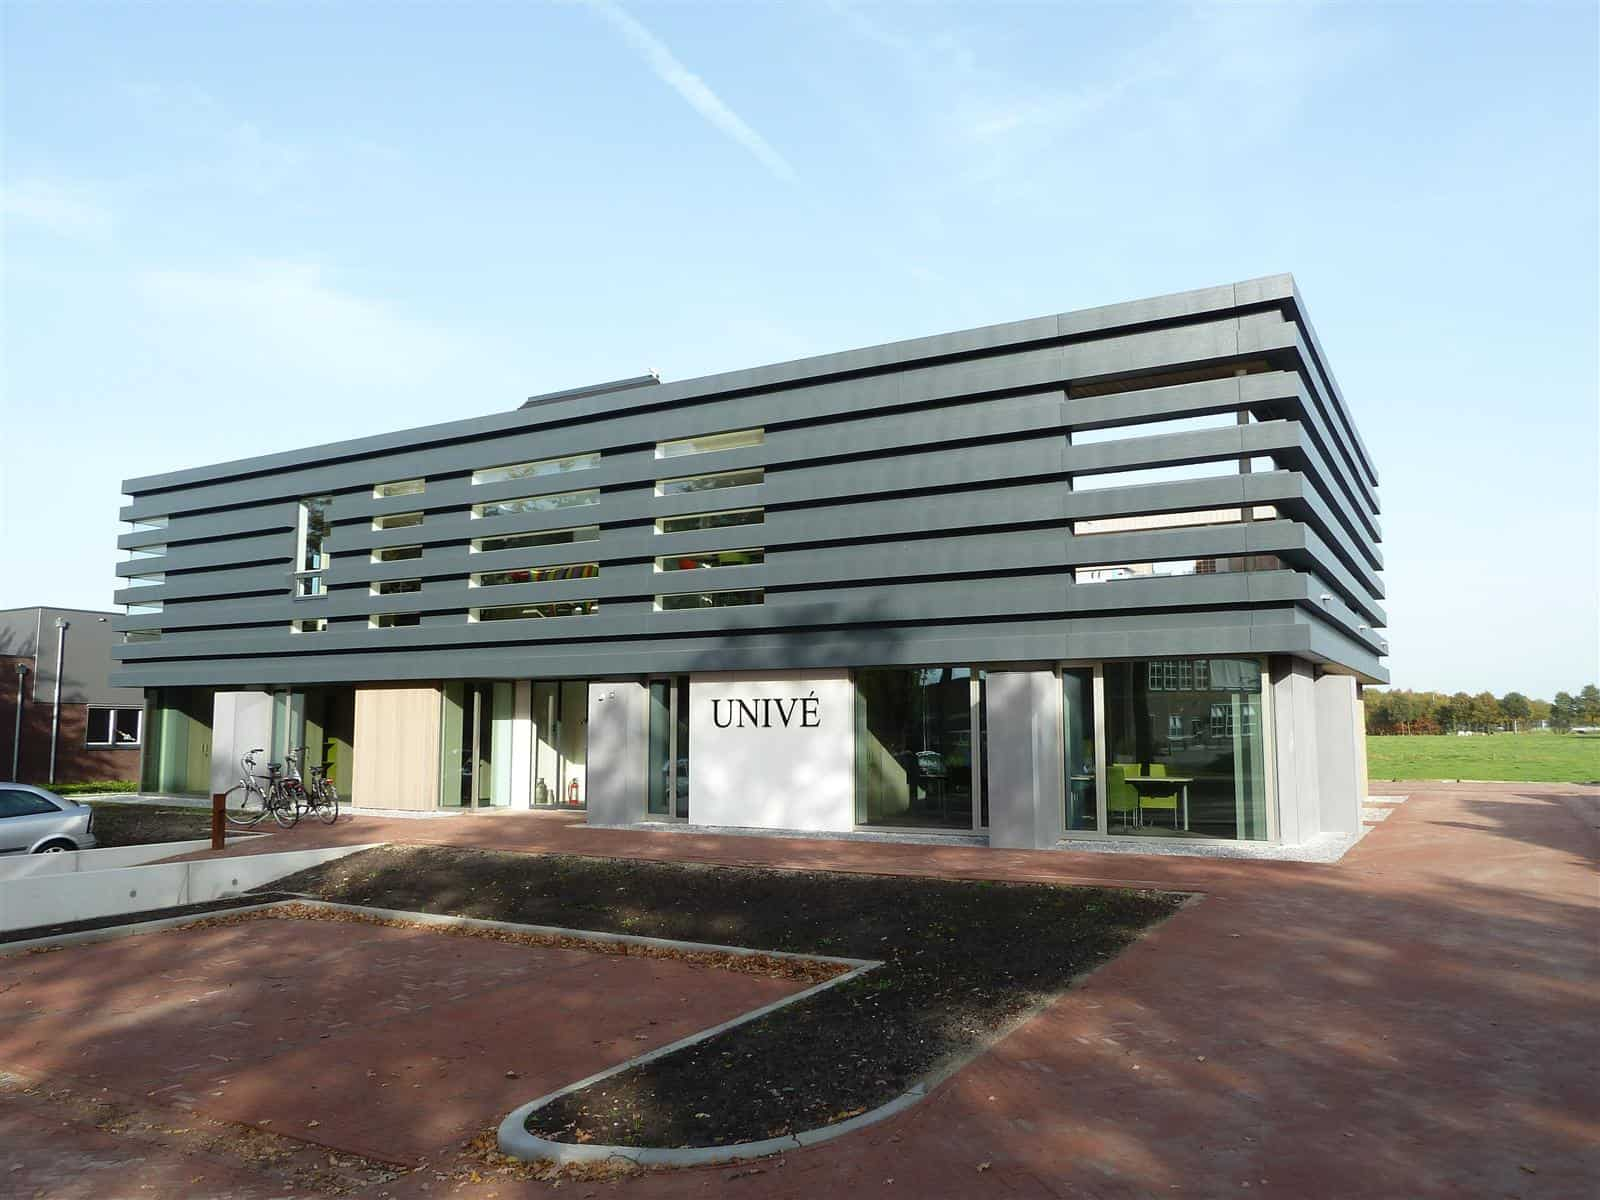 Voorkant van het kantoor Univé in Dwingeloo uitgerust met een MD Flack gevel in brede stroken